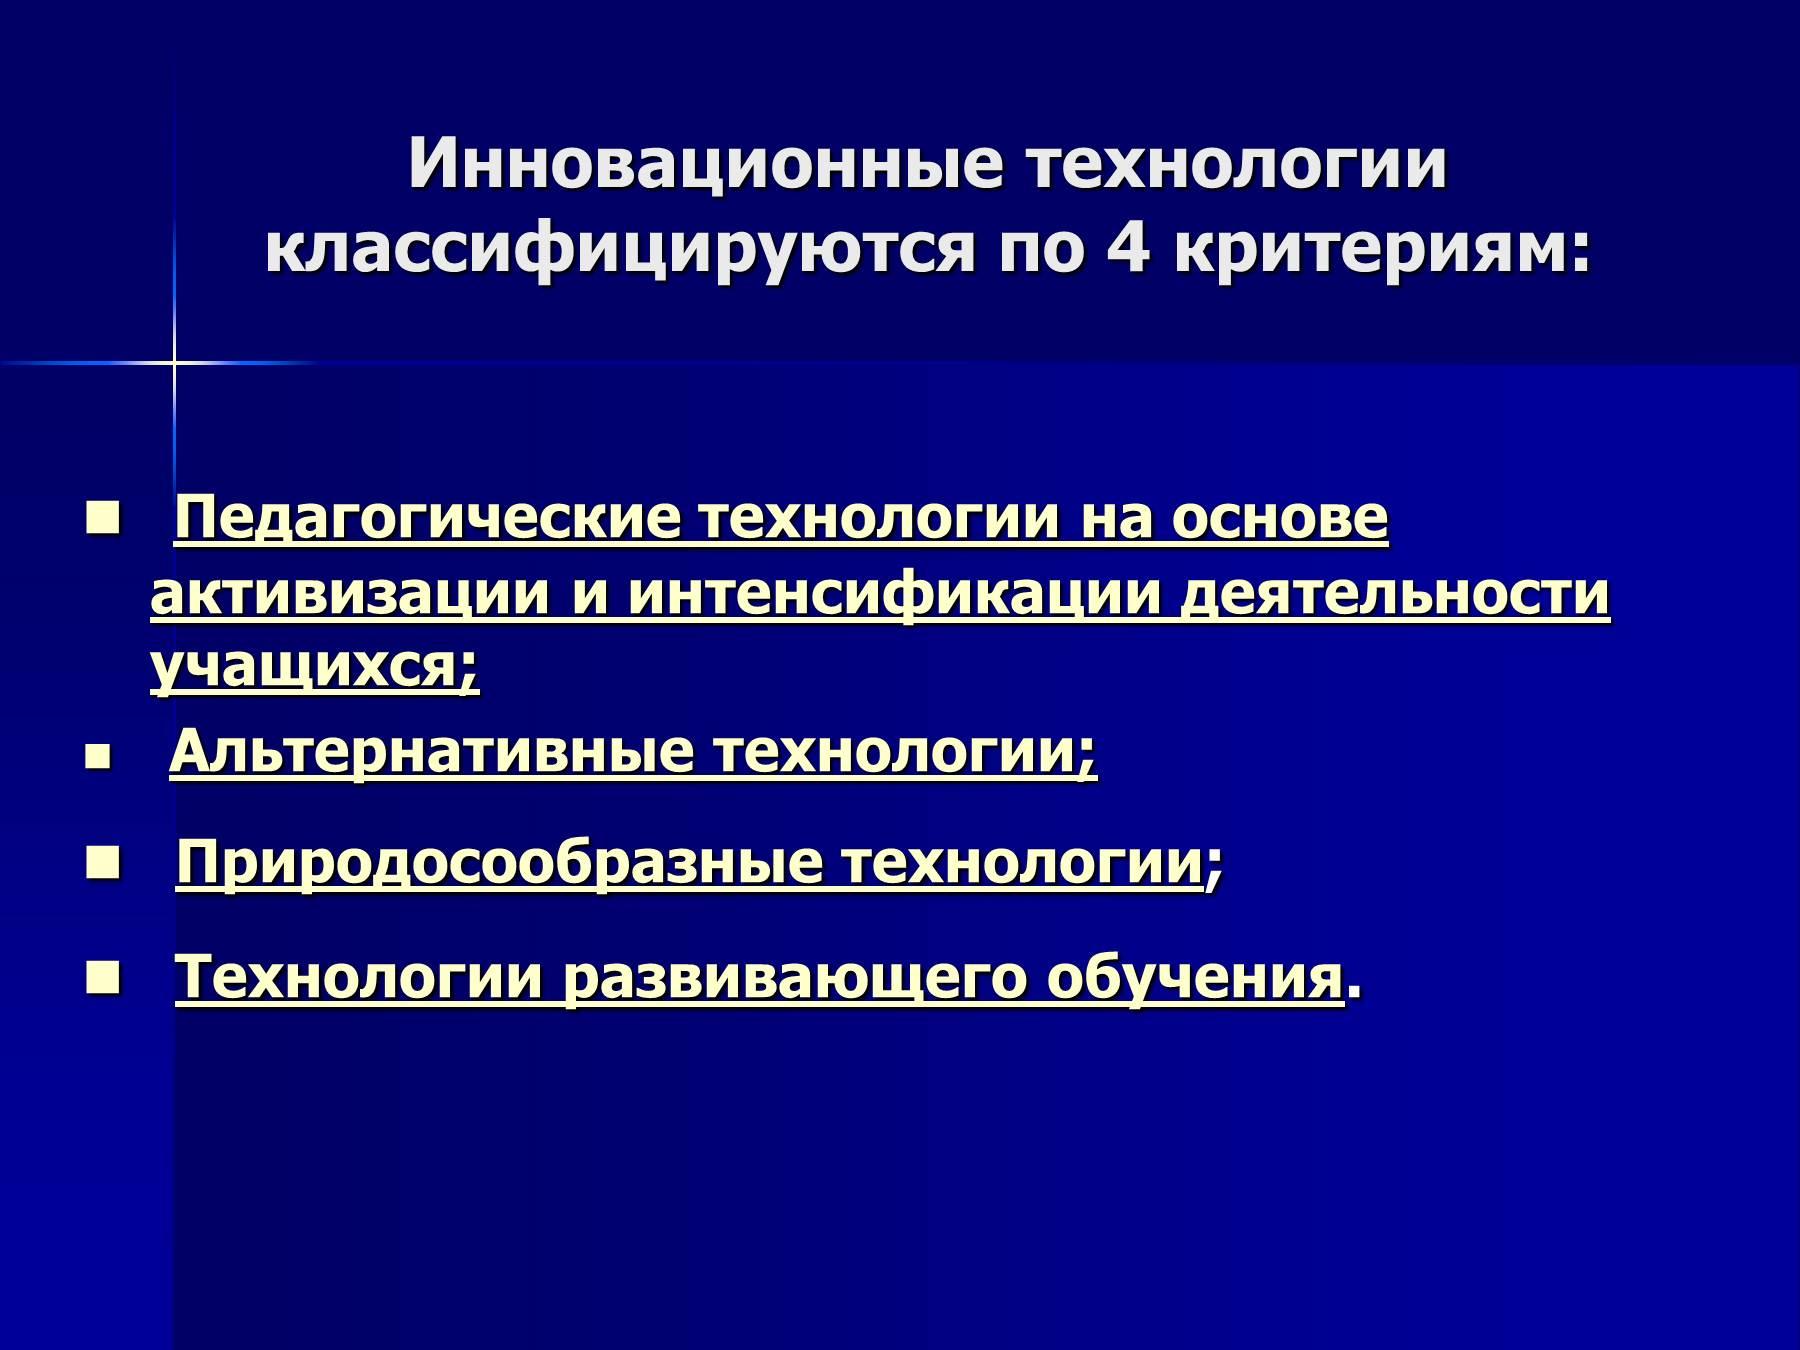 Педагогические технологии классификация схема4